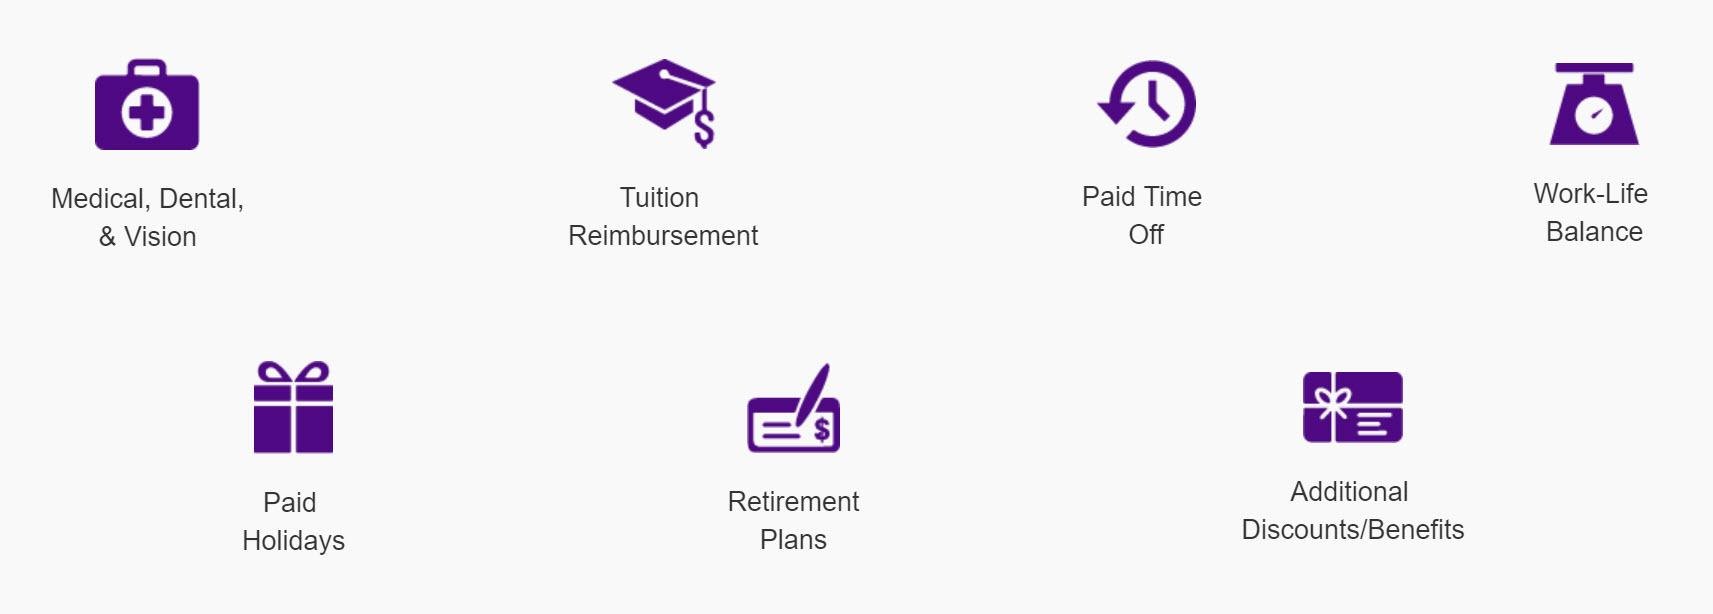 fedex-services-benefits.jpg